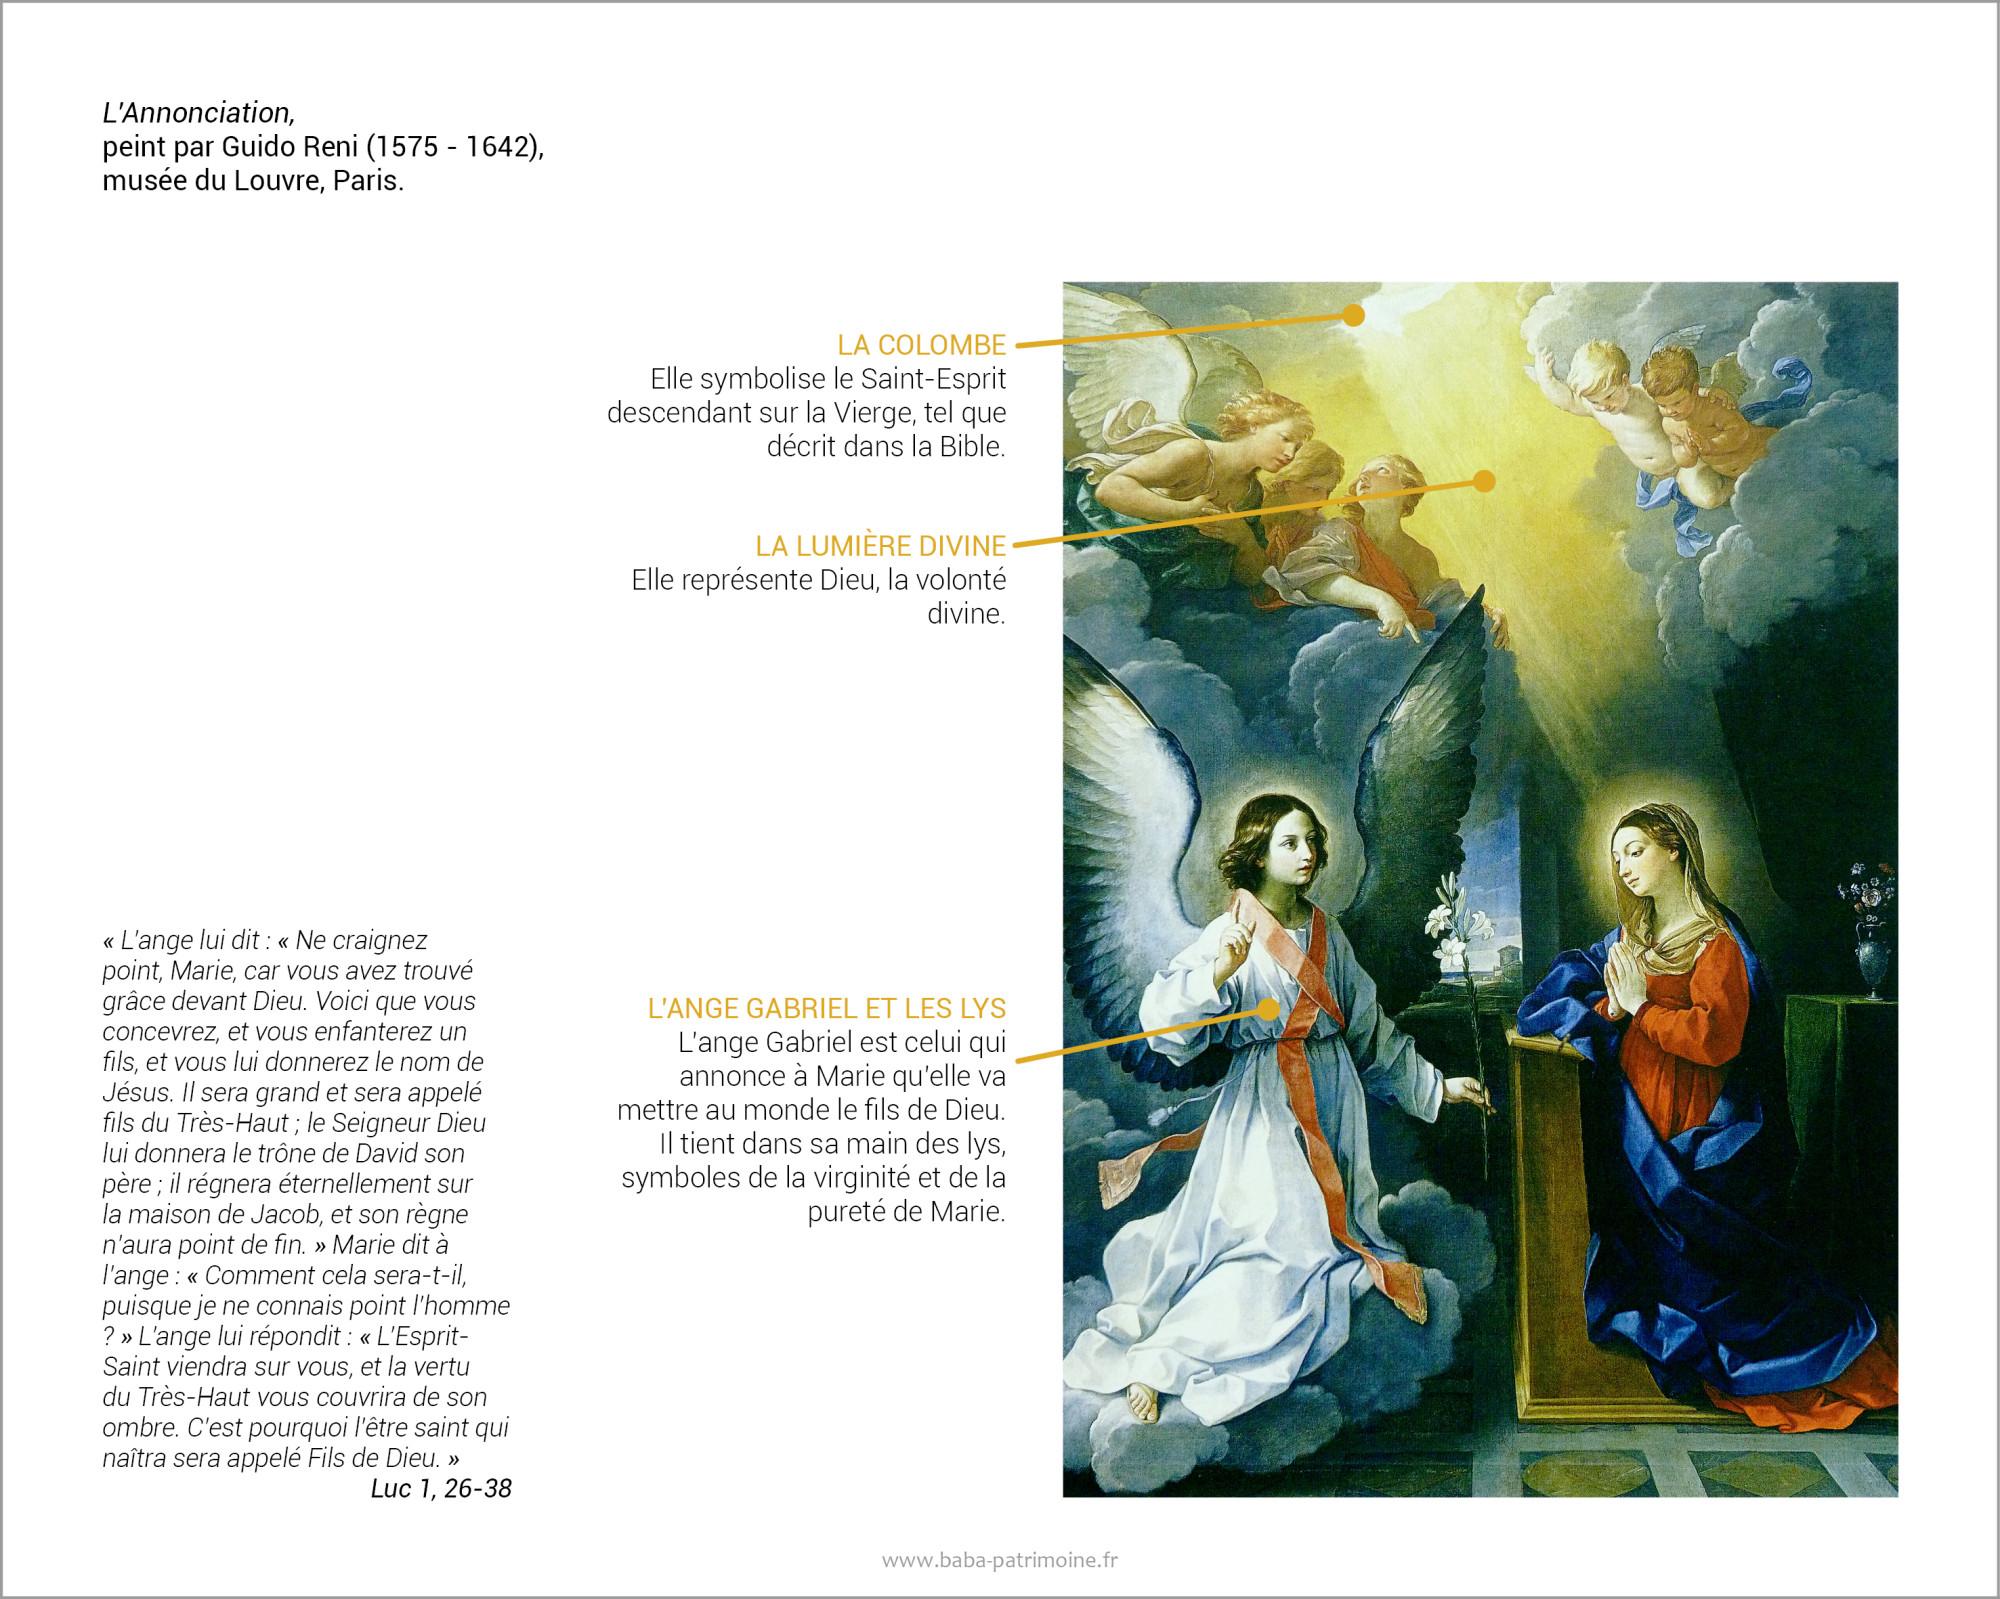 L'Annonciation, peint par Guido Reni (1575 - 1642), musée du Louvre, Paris.